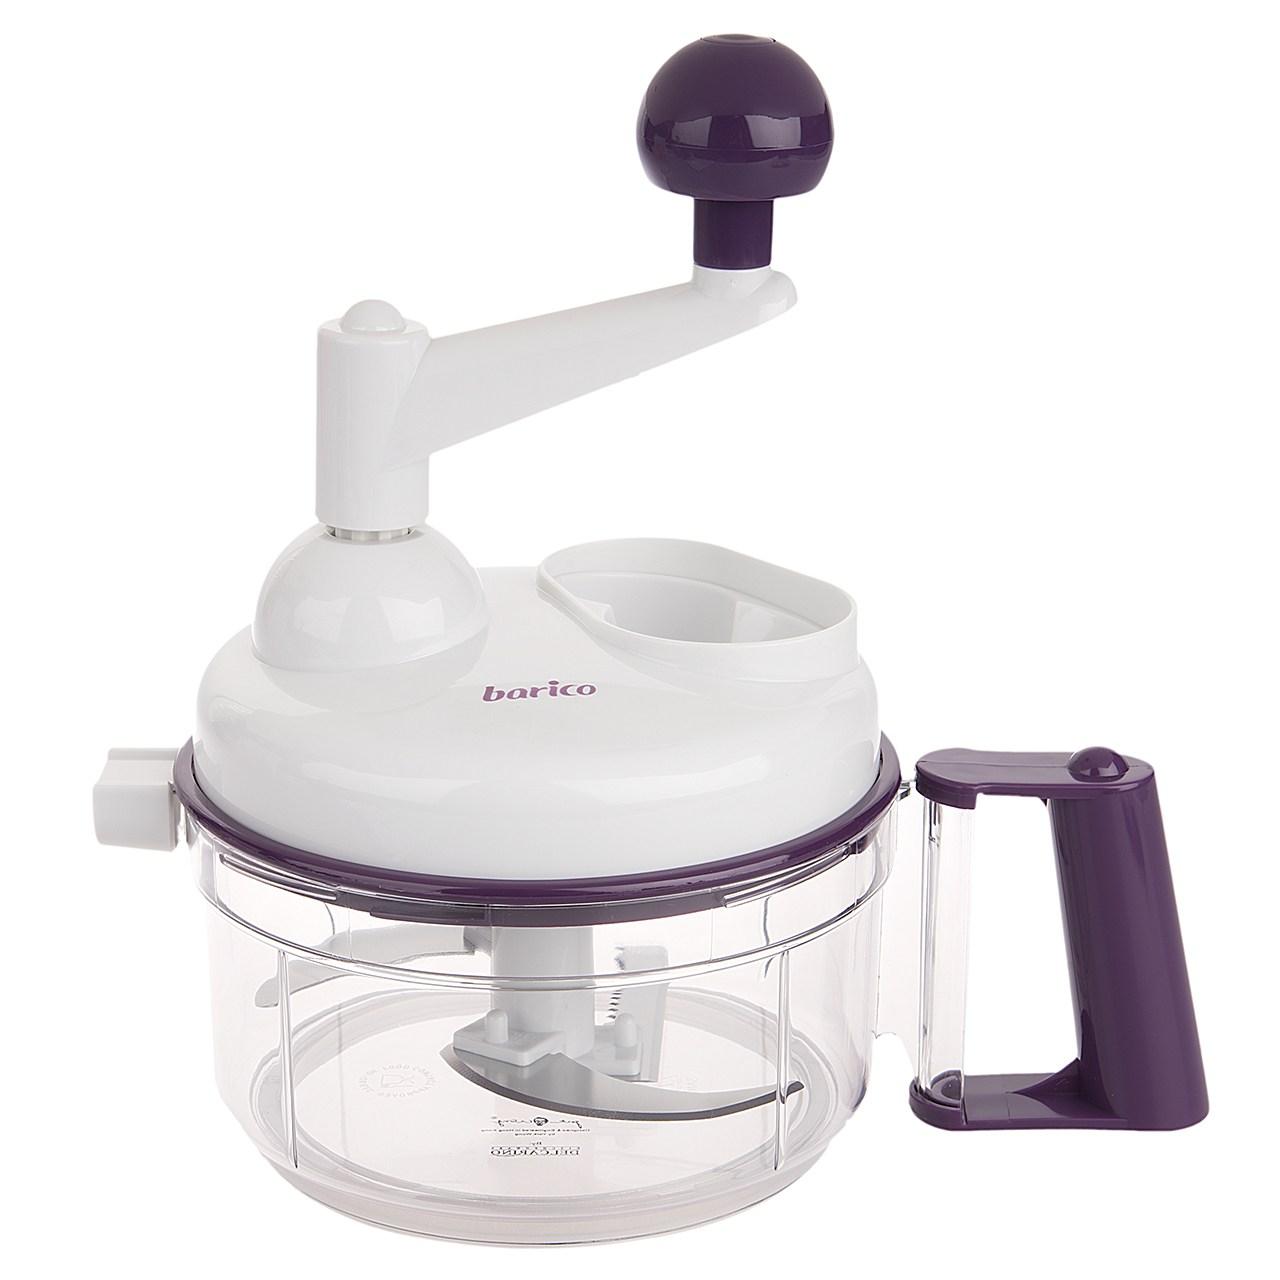 دستگاه همه کاره باریکو مدل Mini Kitchen Center